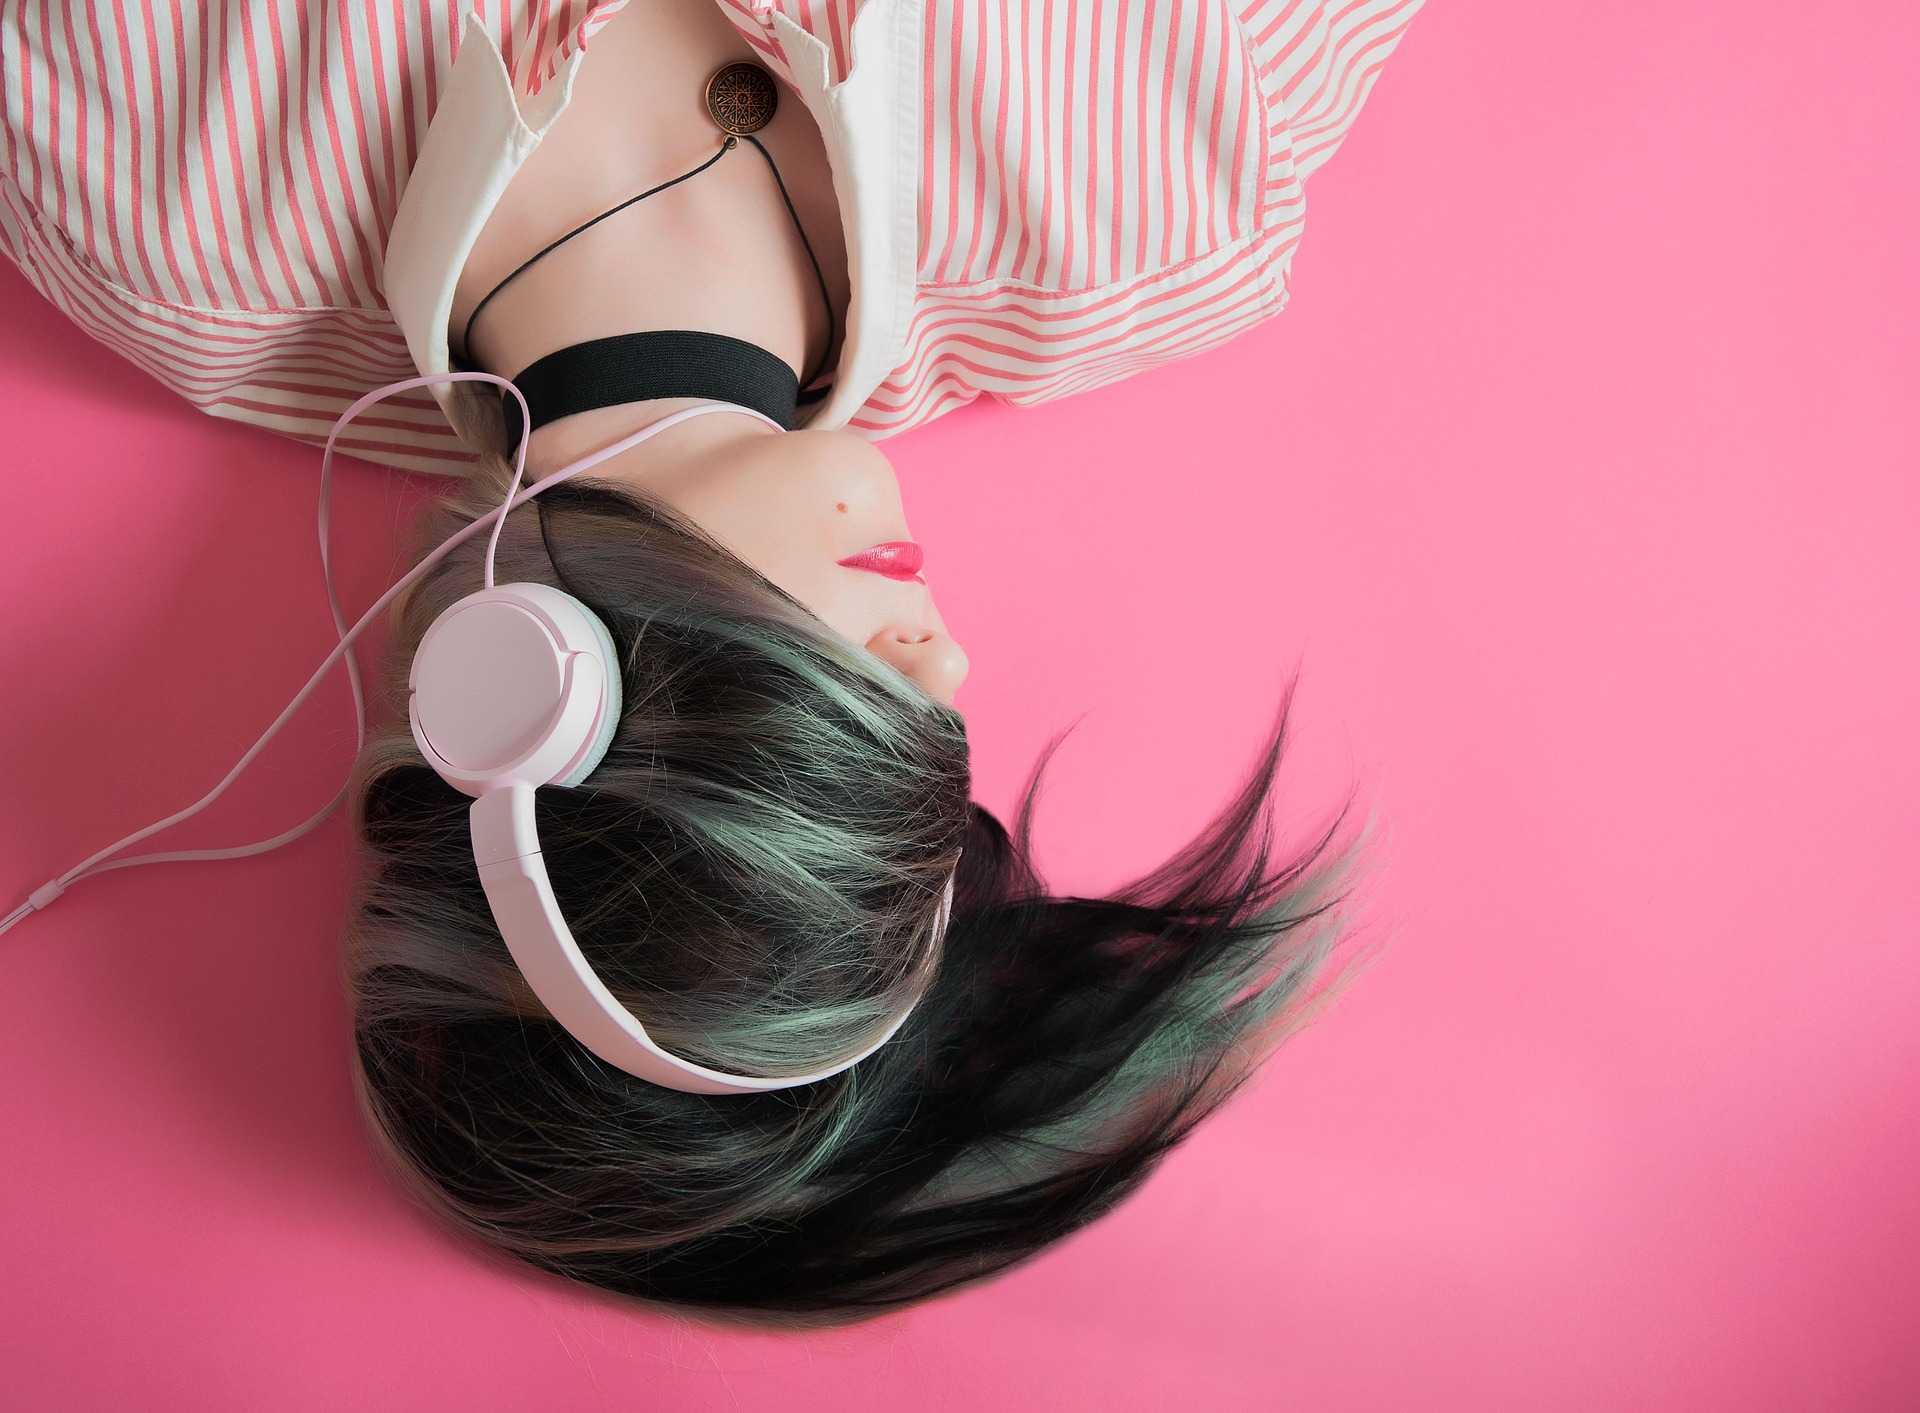 La musica per il benessere psicofisico